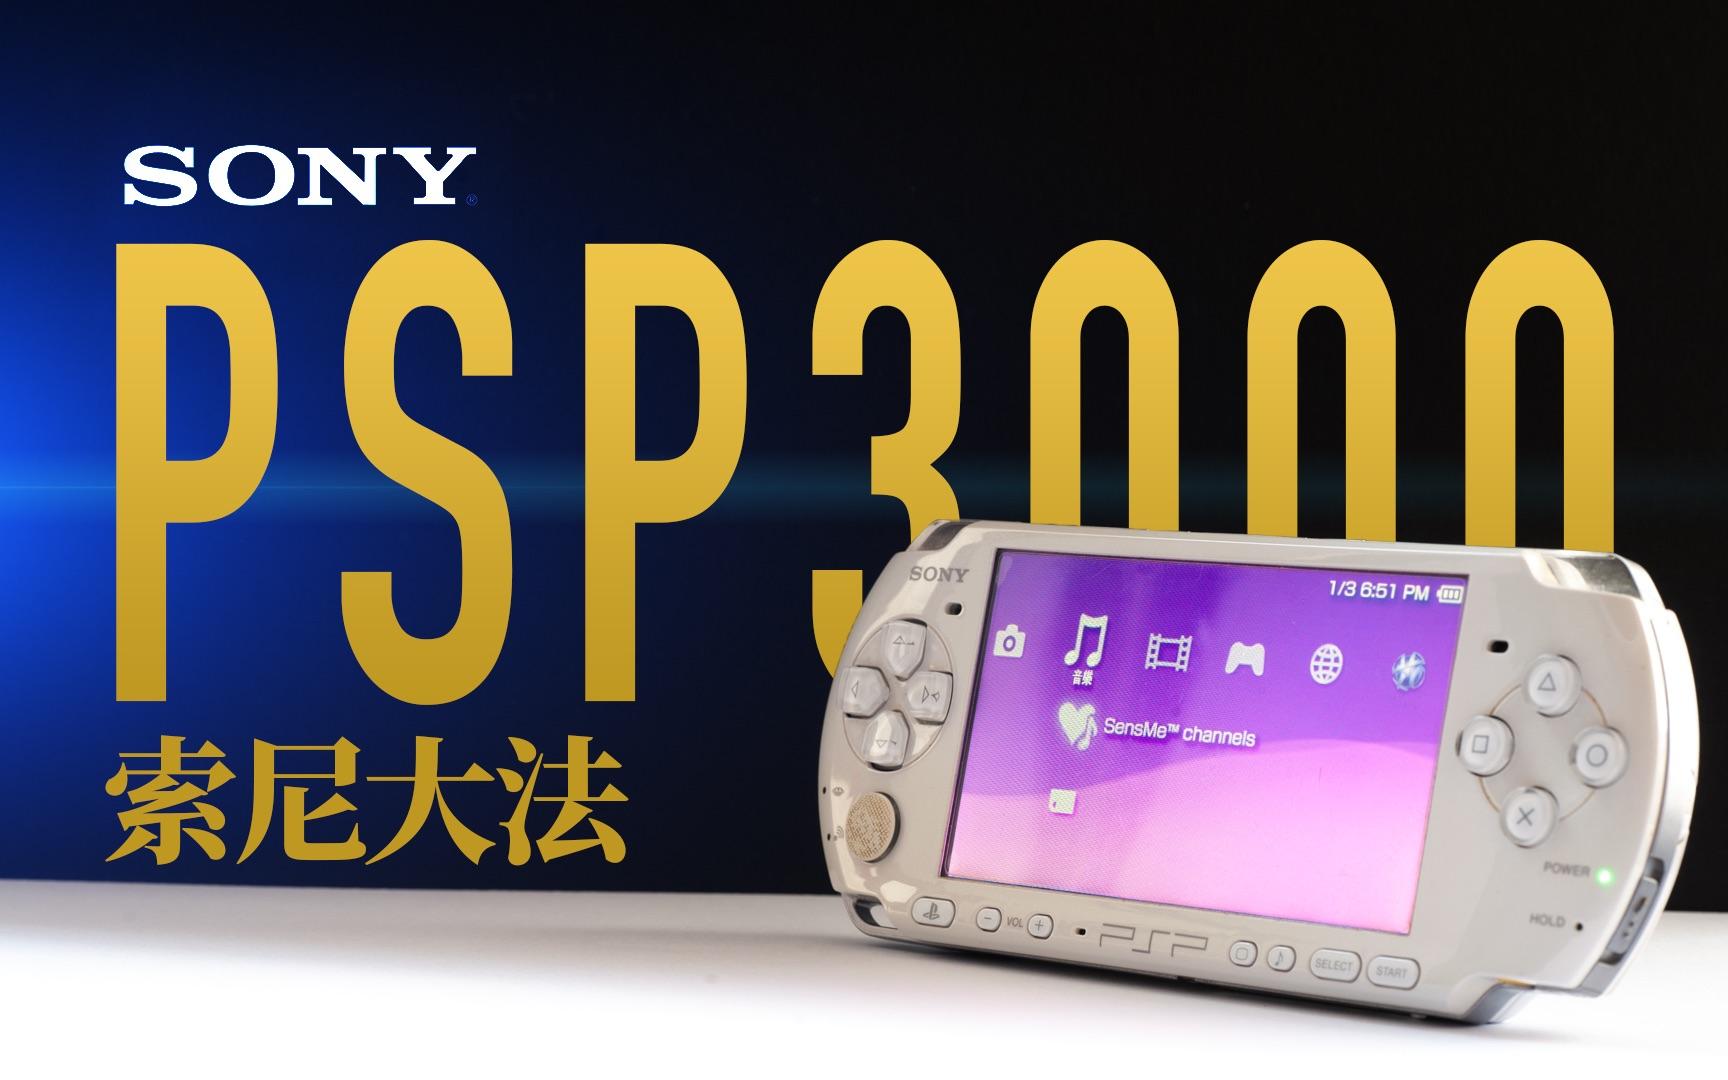 索尼PSP3000, 一个游戏掌机也有这么多高科技? 拆开给你看看